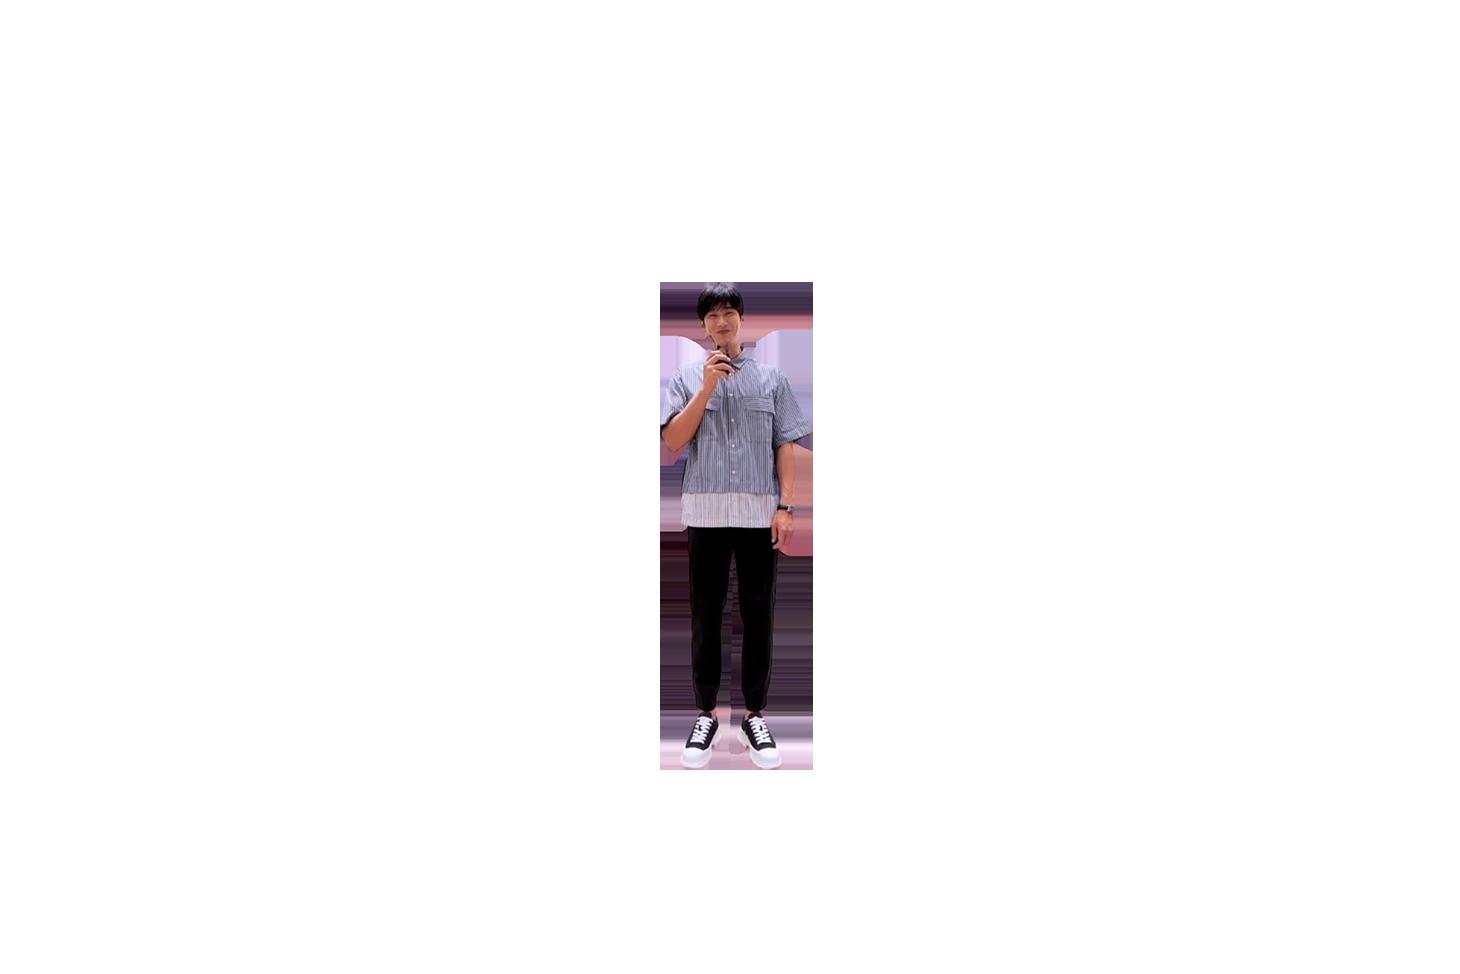 안보현 #3